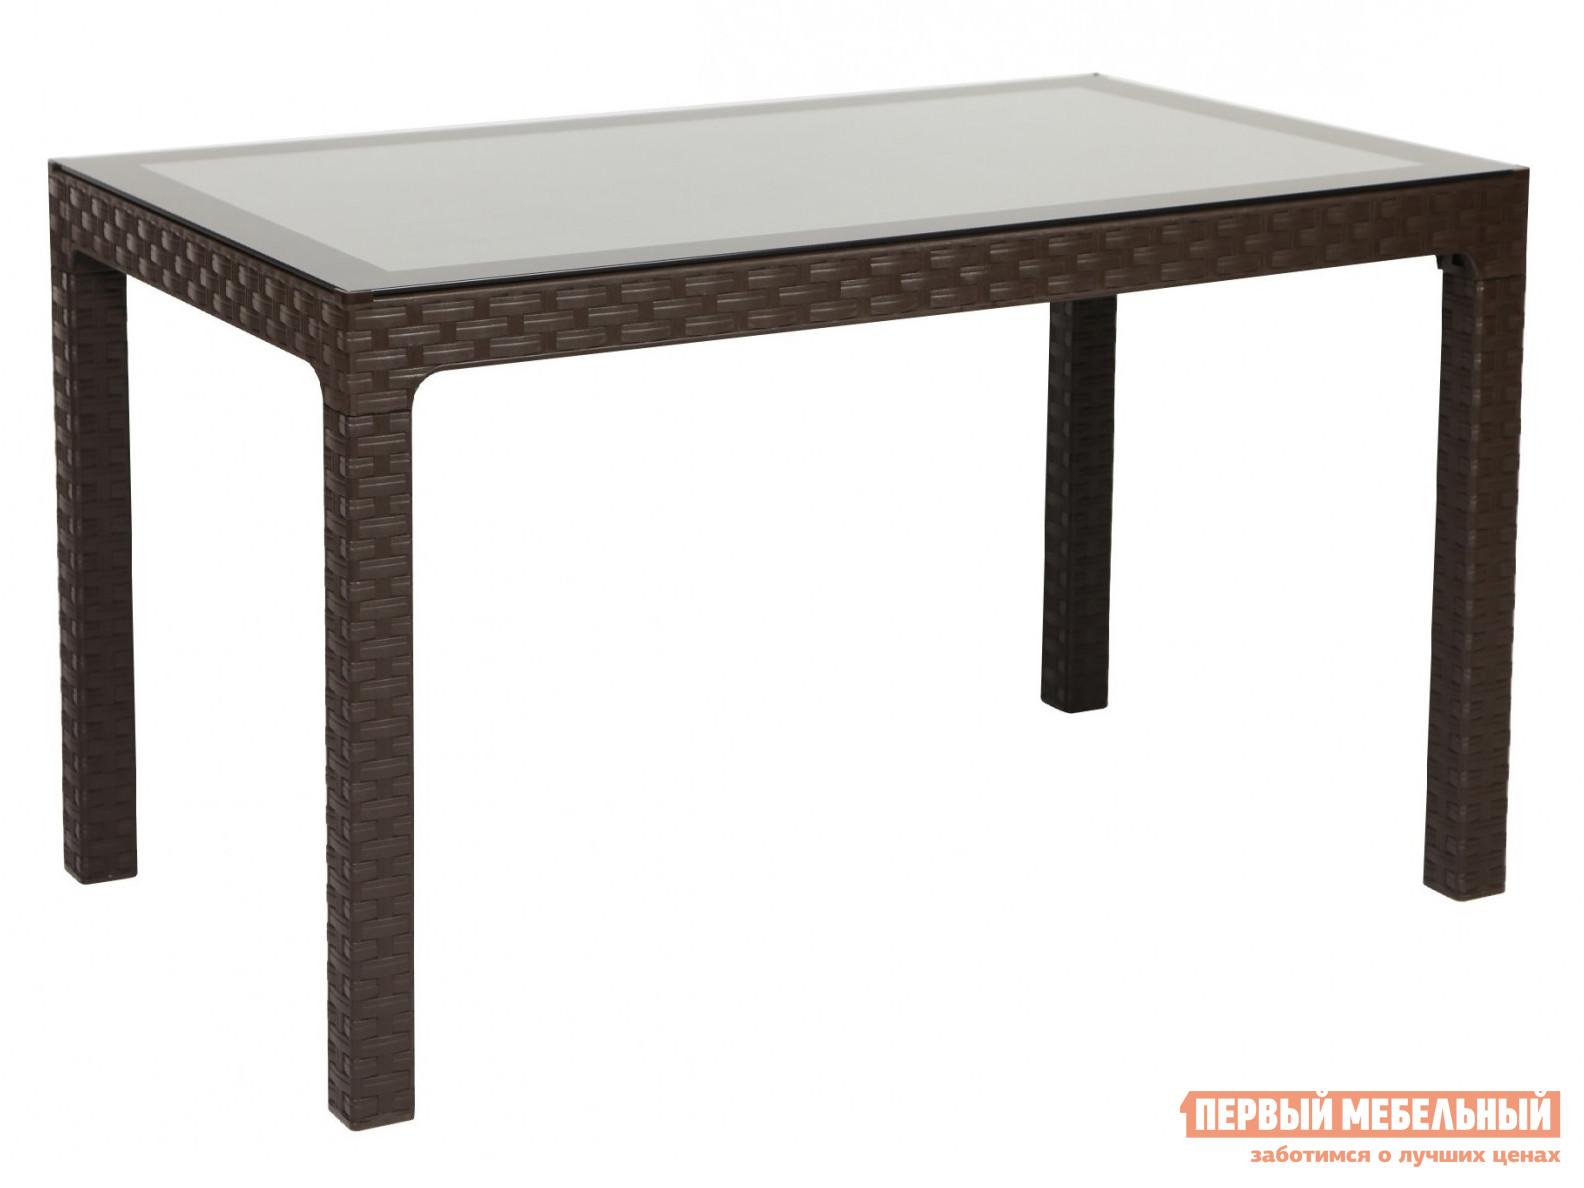 Садовый стол Рихаус Стол пластиковый Arizona со стеклом DEL/AR-R/80x140/GL/W/ пластиковый стул рихаус net 4032656000 4032675000